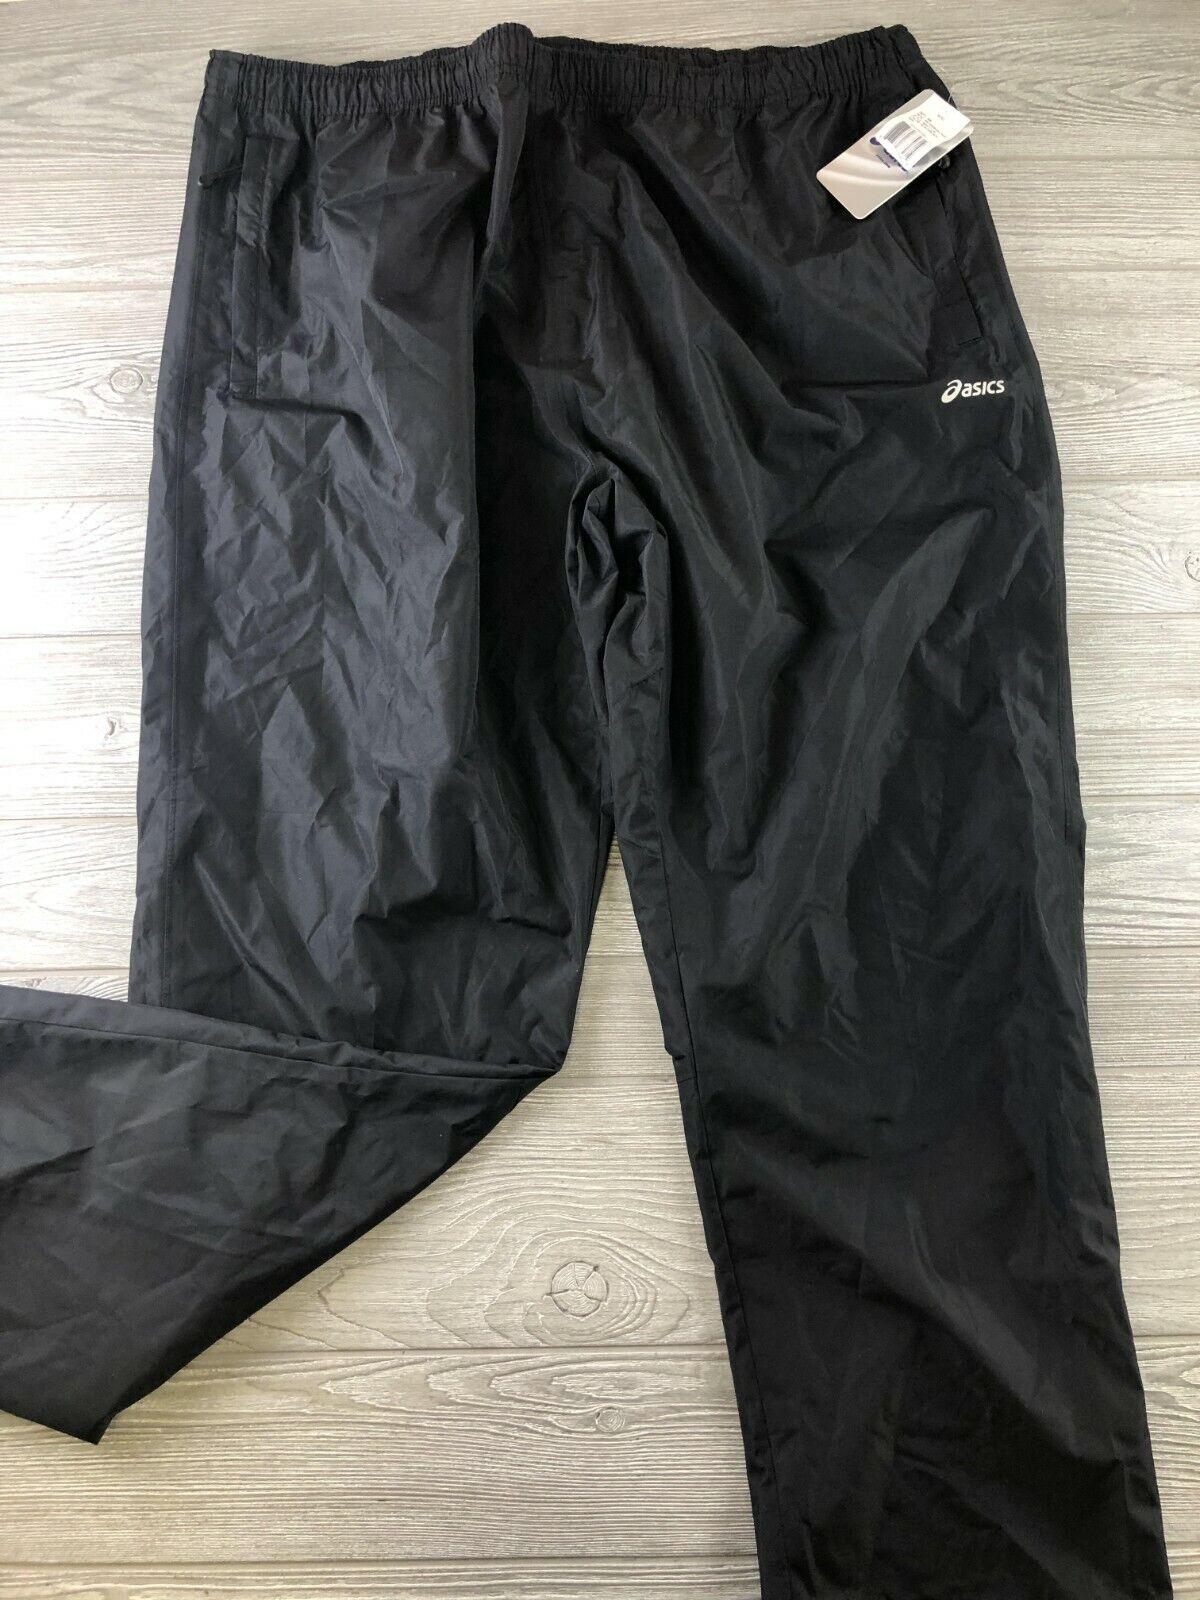 NEW ASICS Waterproof Pants Big & Tall BT 4XL XXXXL Black NEW